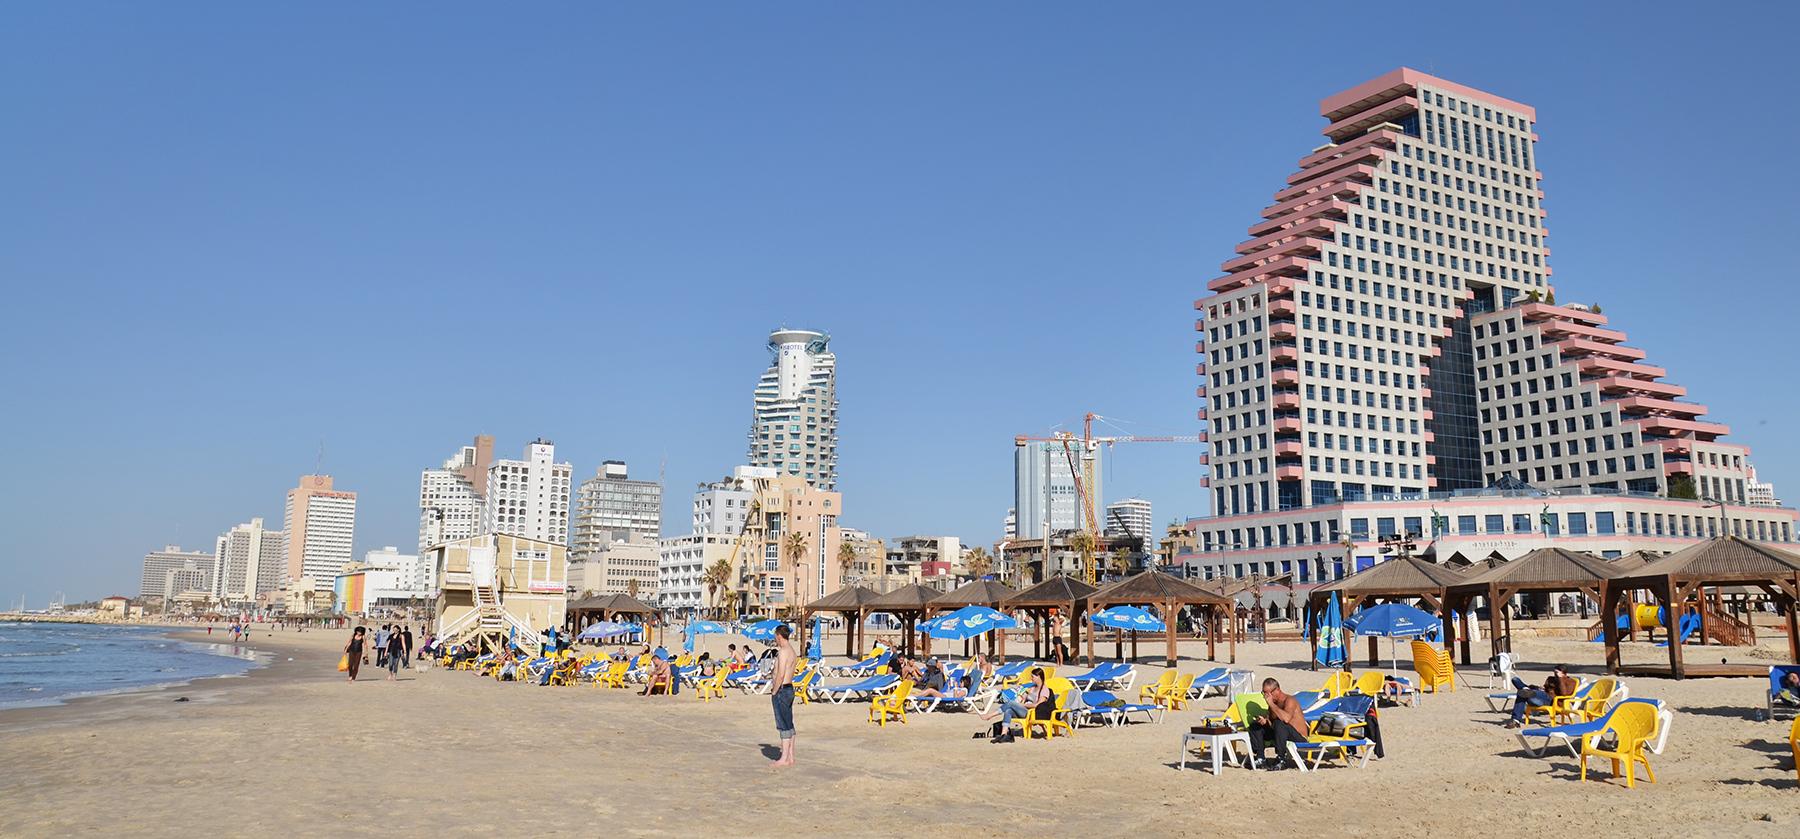 pláž poblíž budovy Opera, Tel-Aviv, Izrael